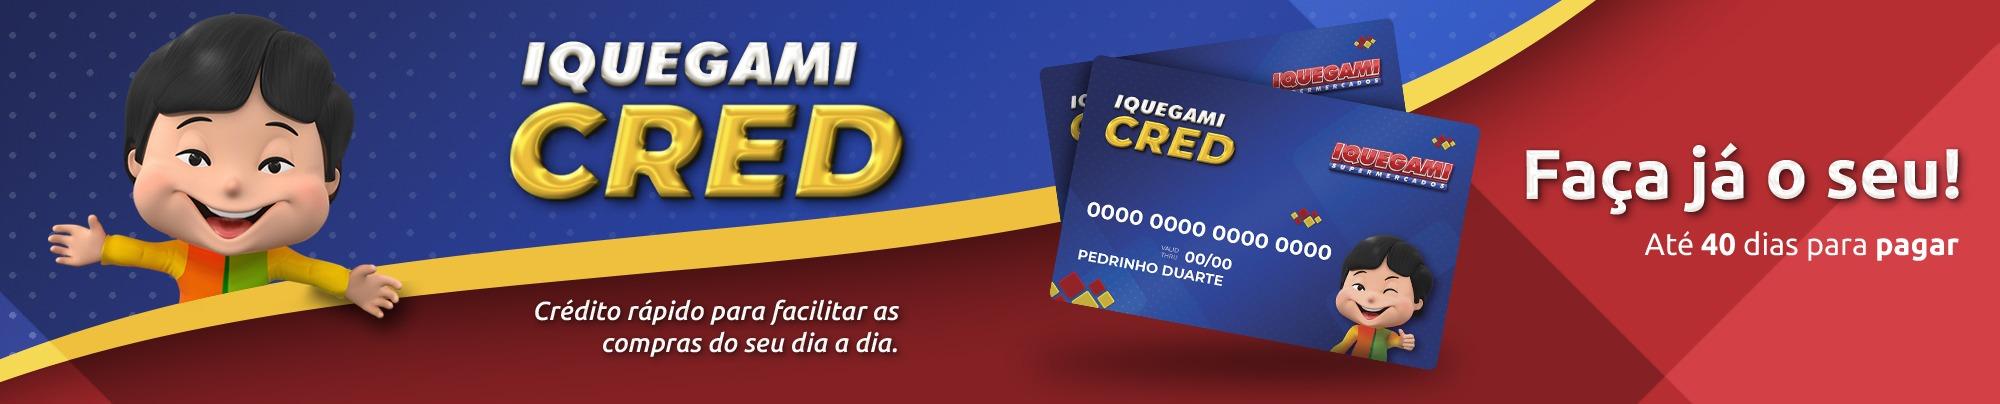 faixa_IQUE CRED 3D DESKTOP